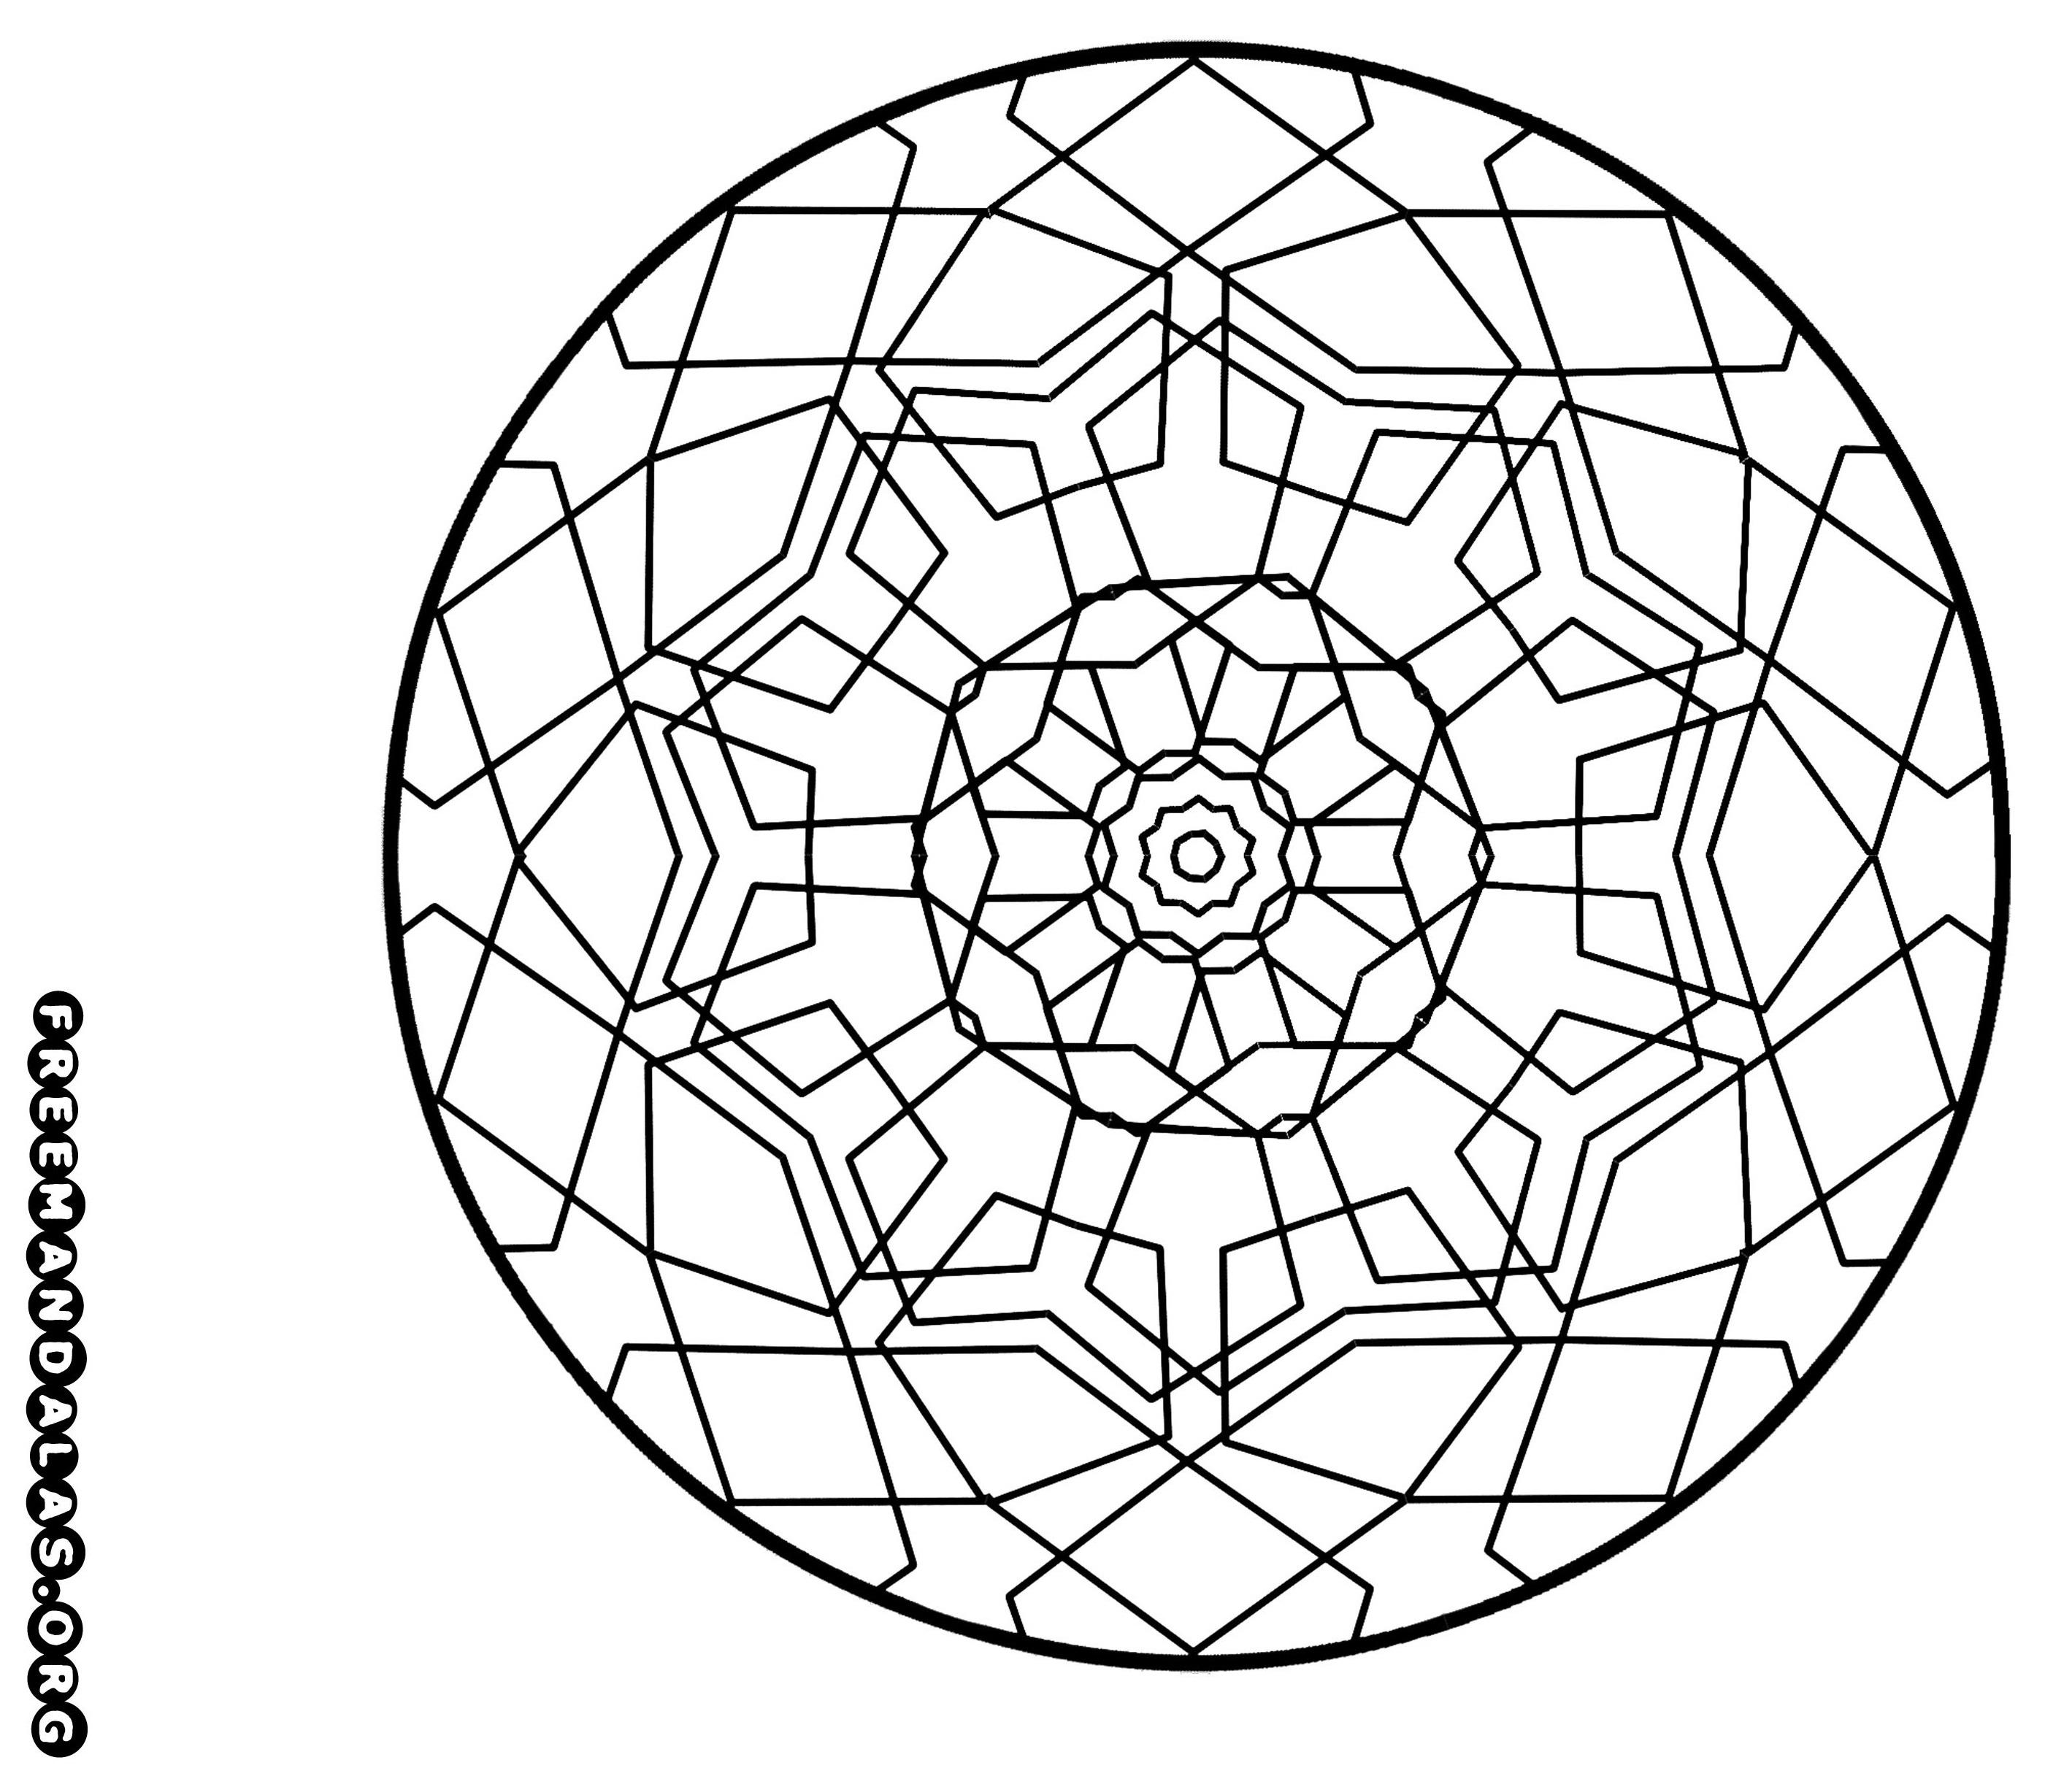 Imagens para colorir em alta 6 - Mandalas para Colorir em Alta Qualidade